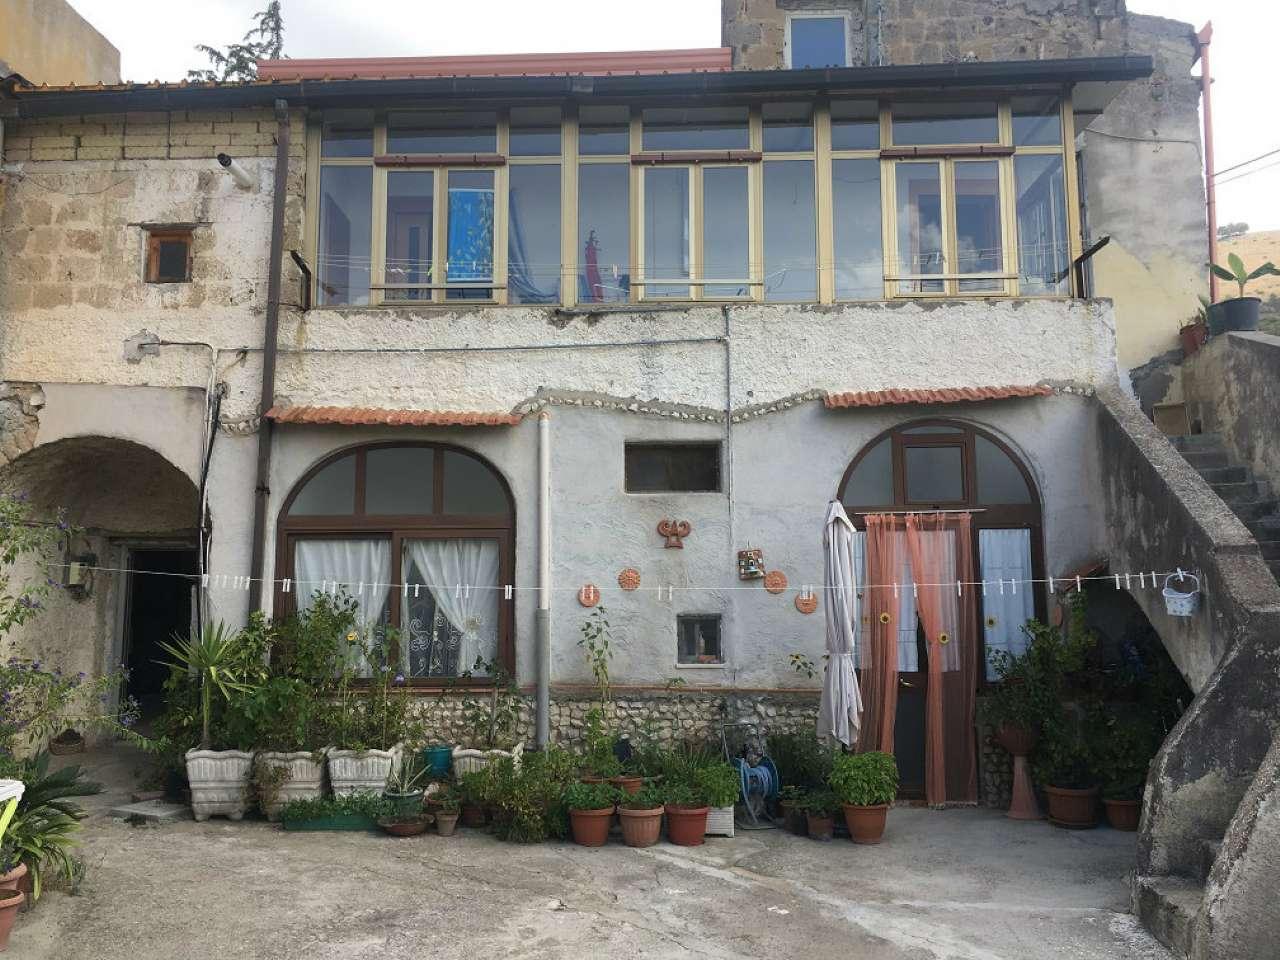 Soluzione Indipendente in vendita a Caserta, 2 locali, prezzo € 150.000 | CambioCasa.it